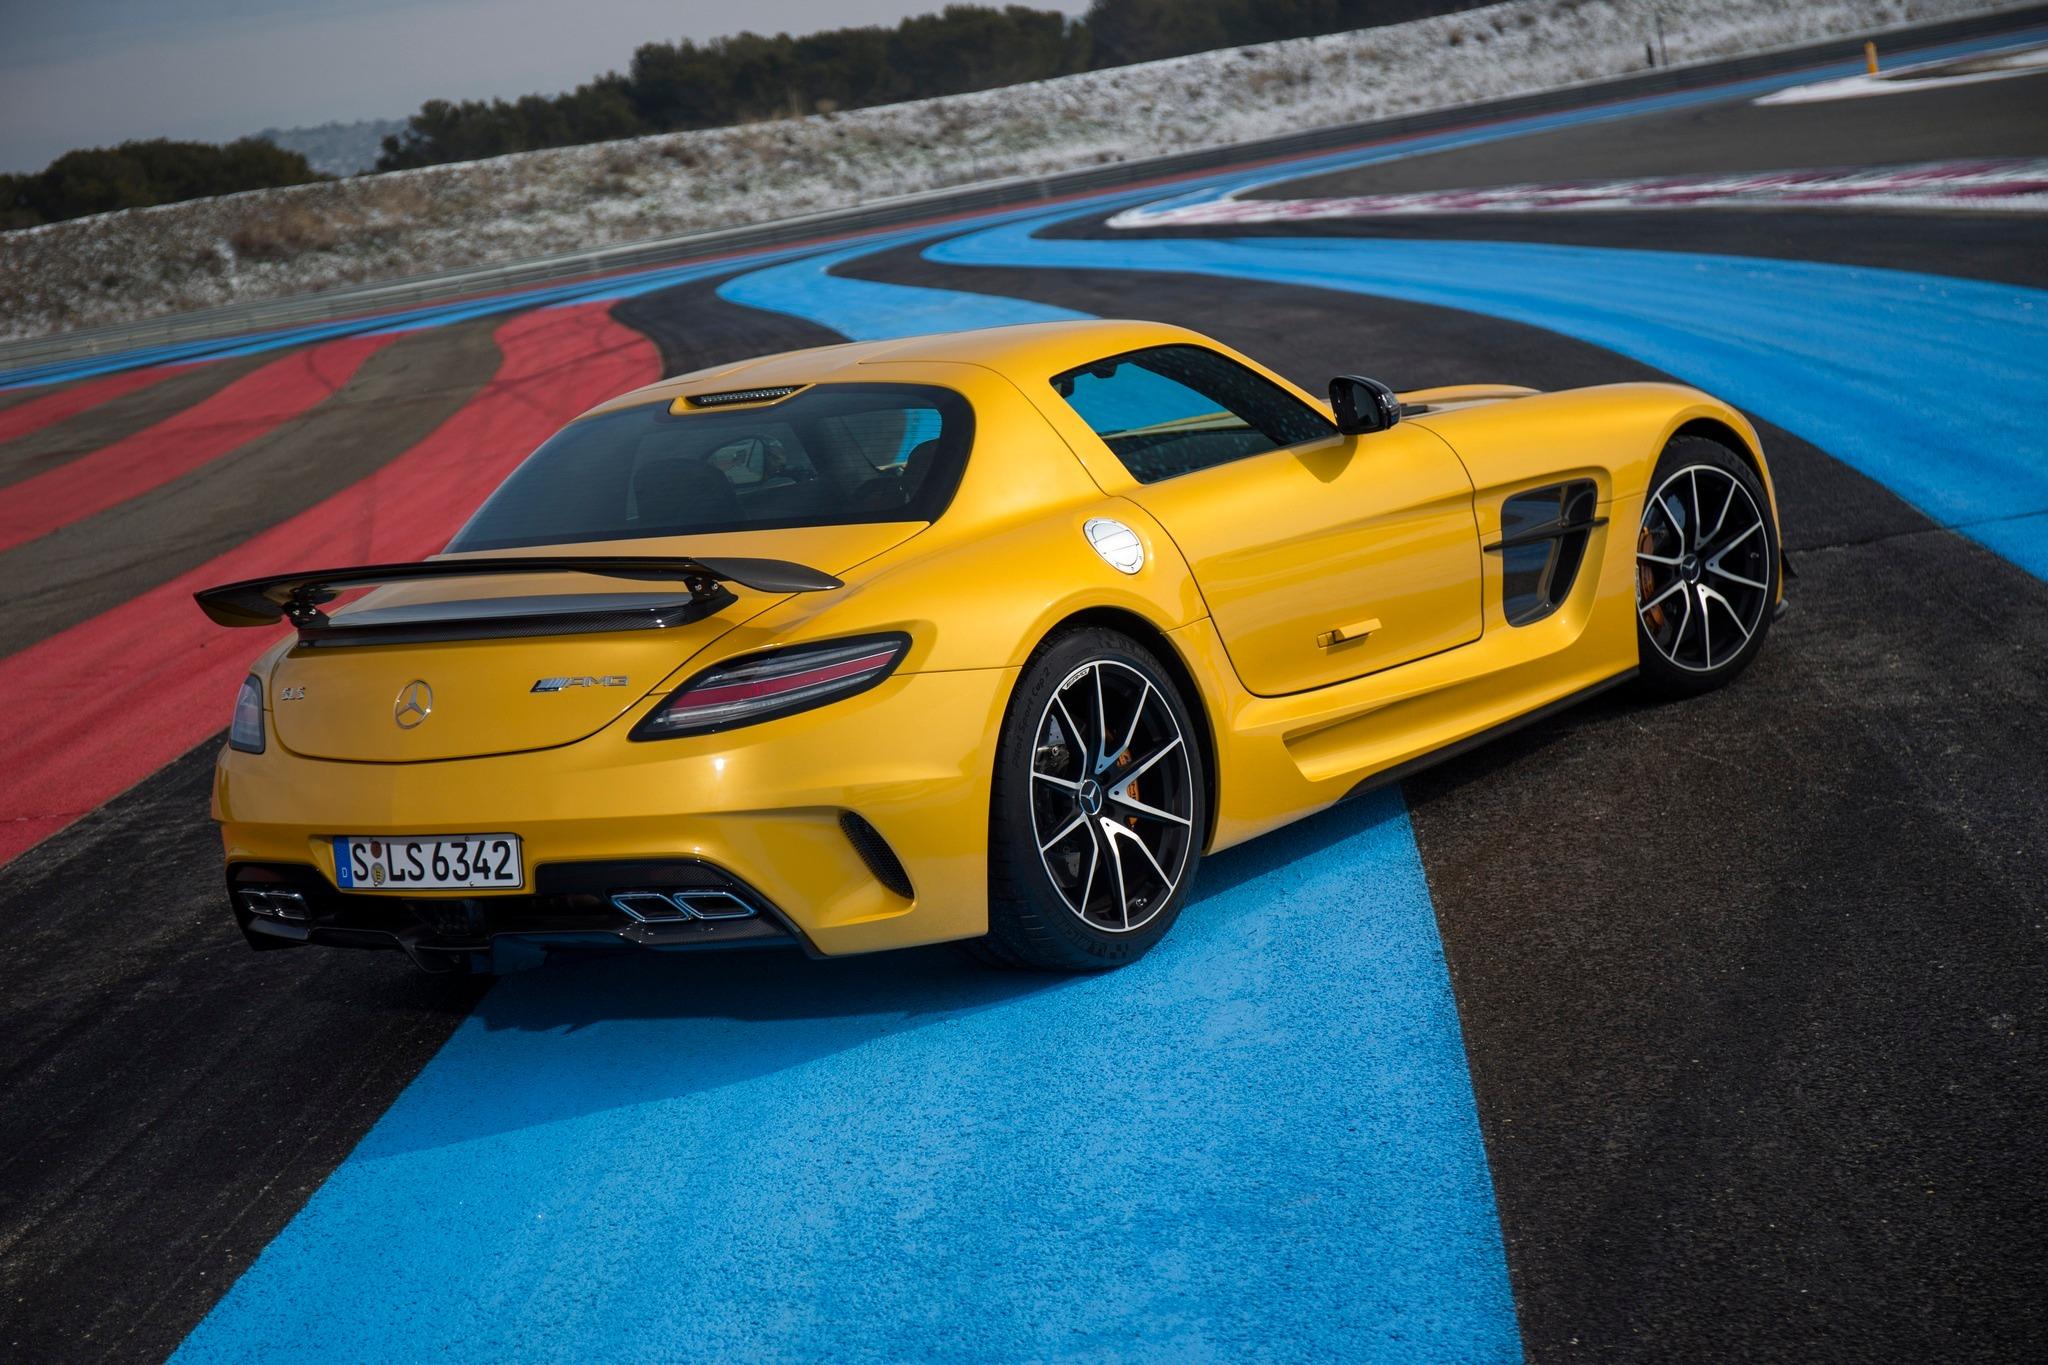 Mercedes—Benz SLS AMG Coupe Black Series — детальний огляд культового спорткара